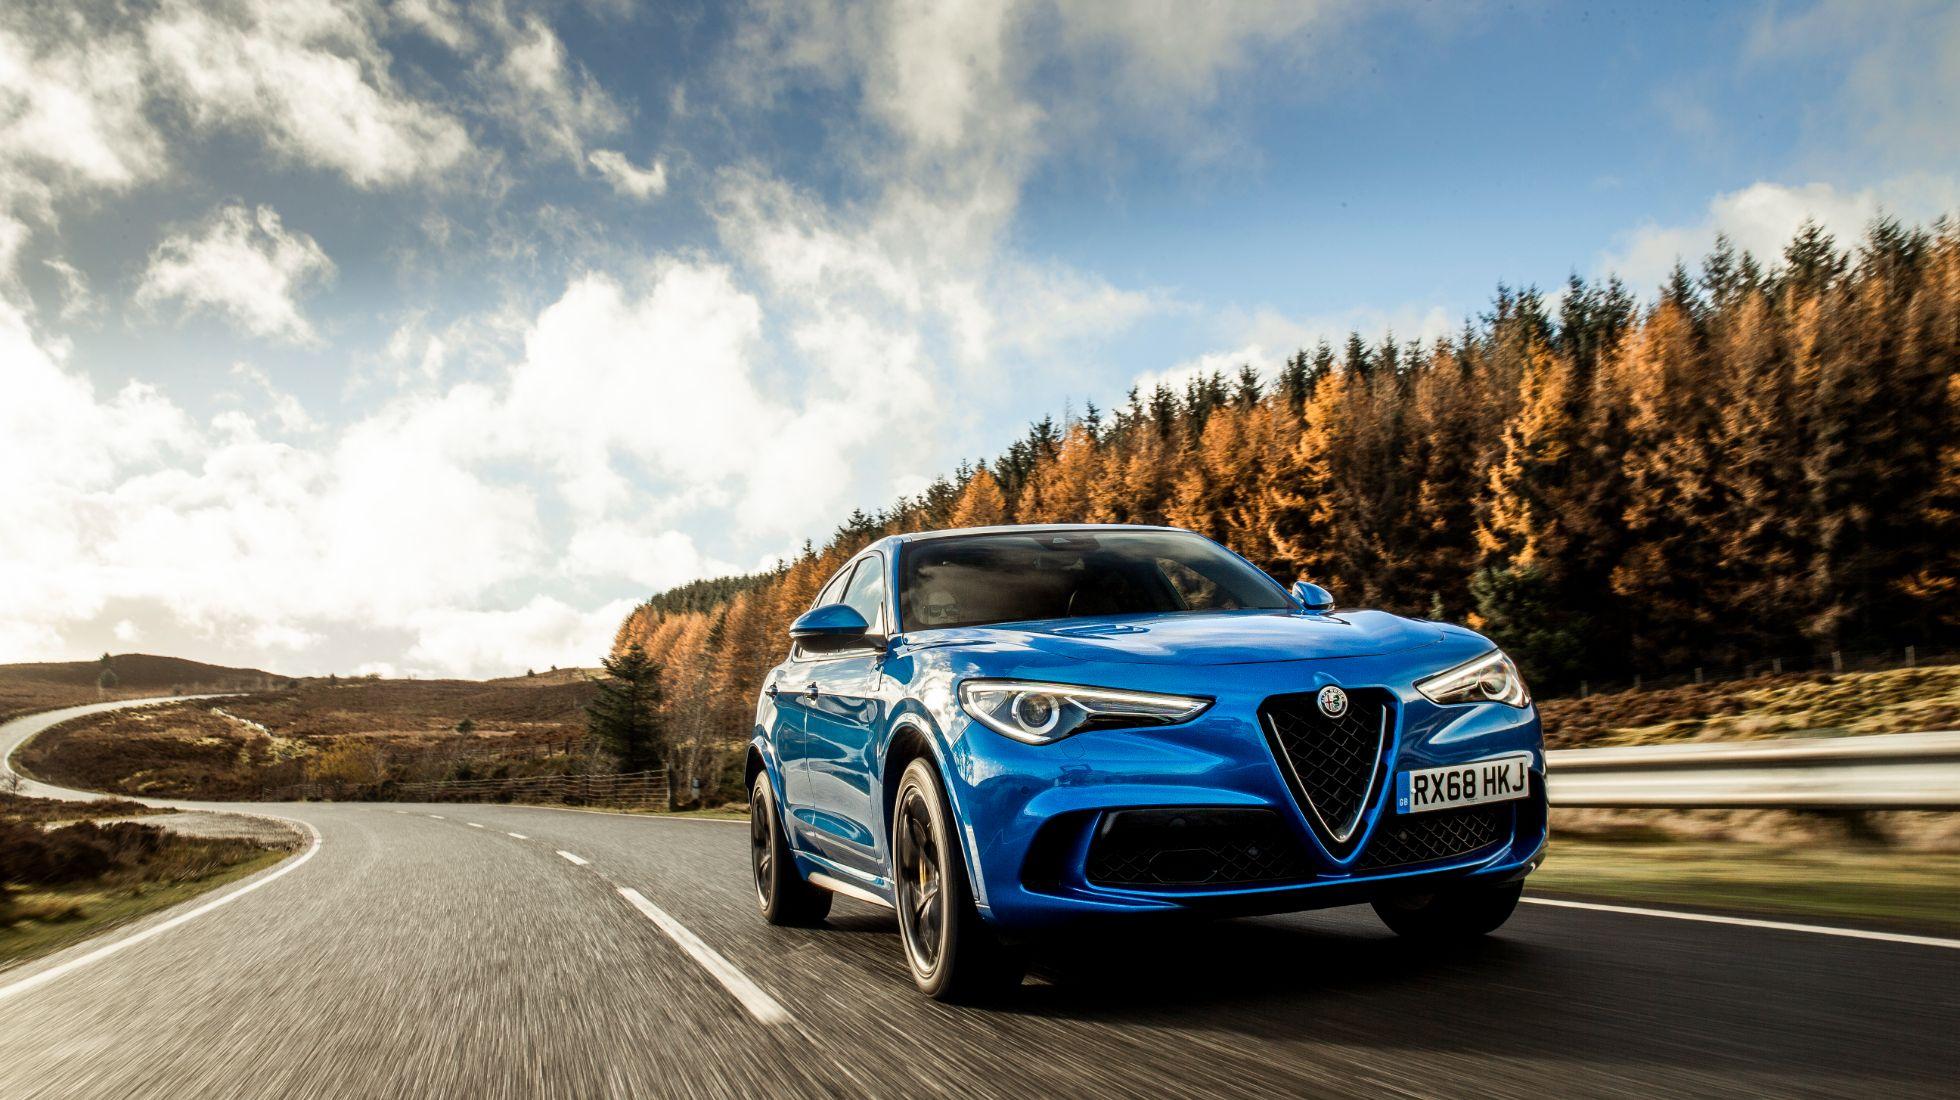 Alfa Romeo Stelvio Q warrants more showroom queues